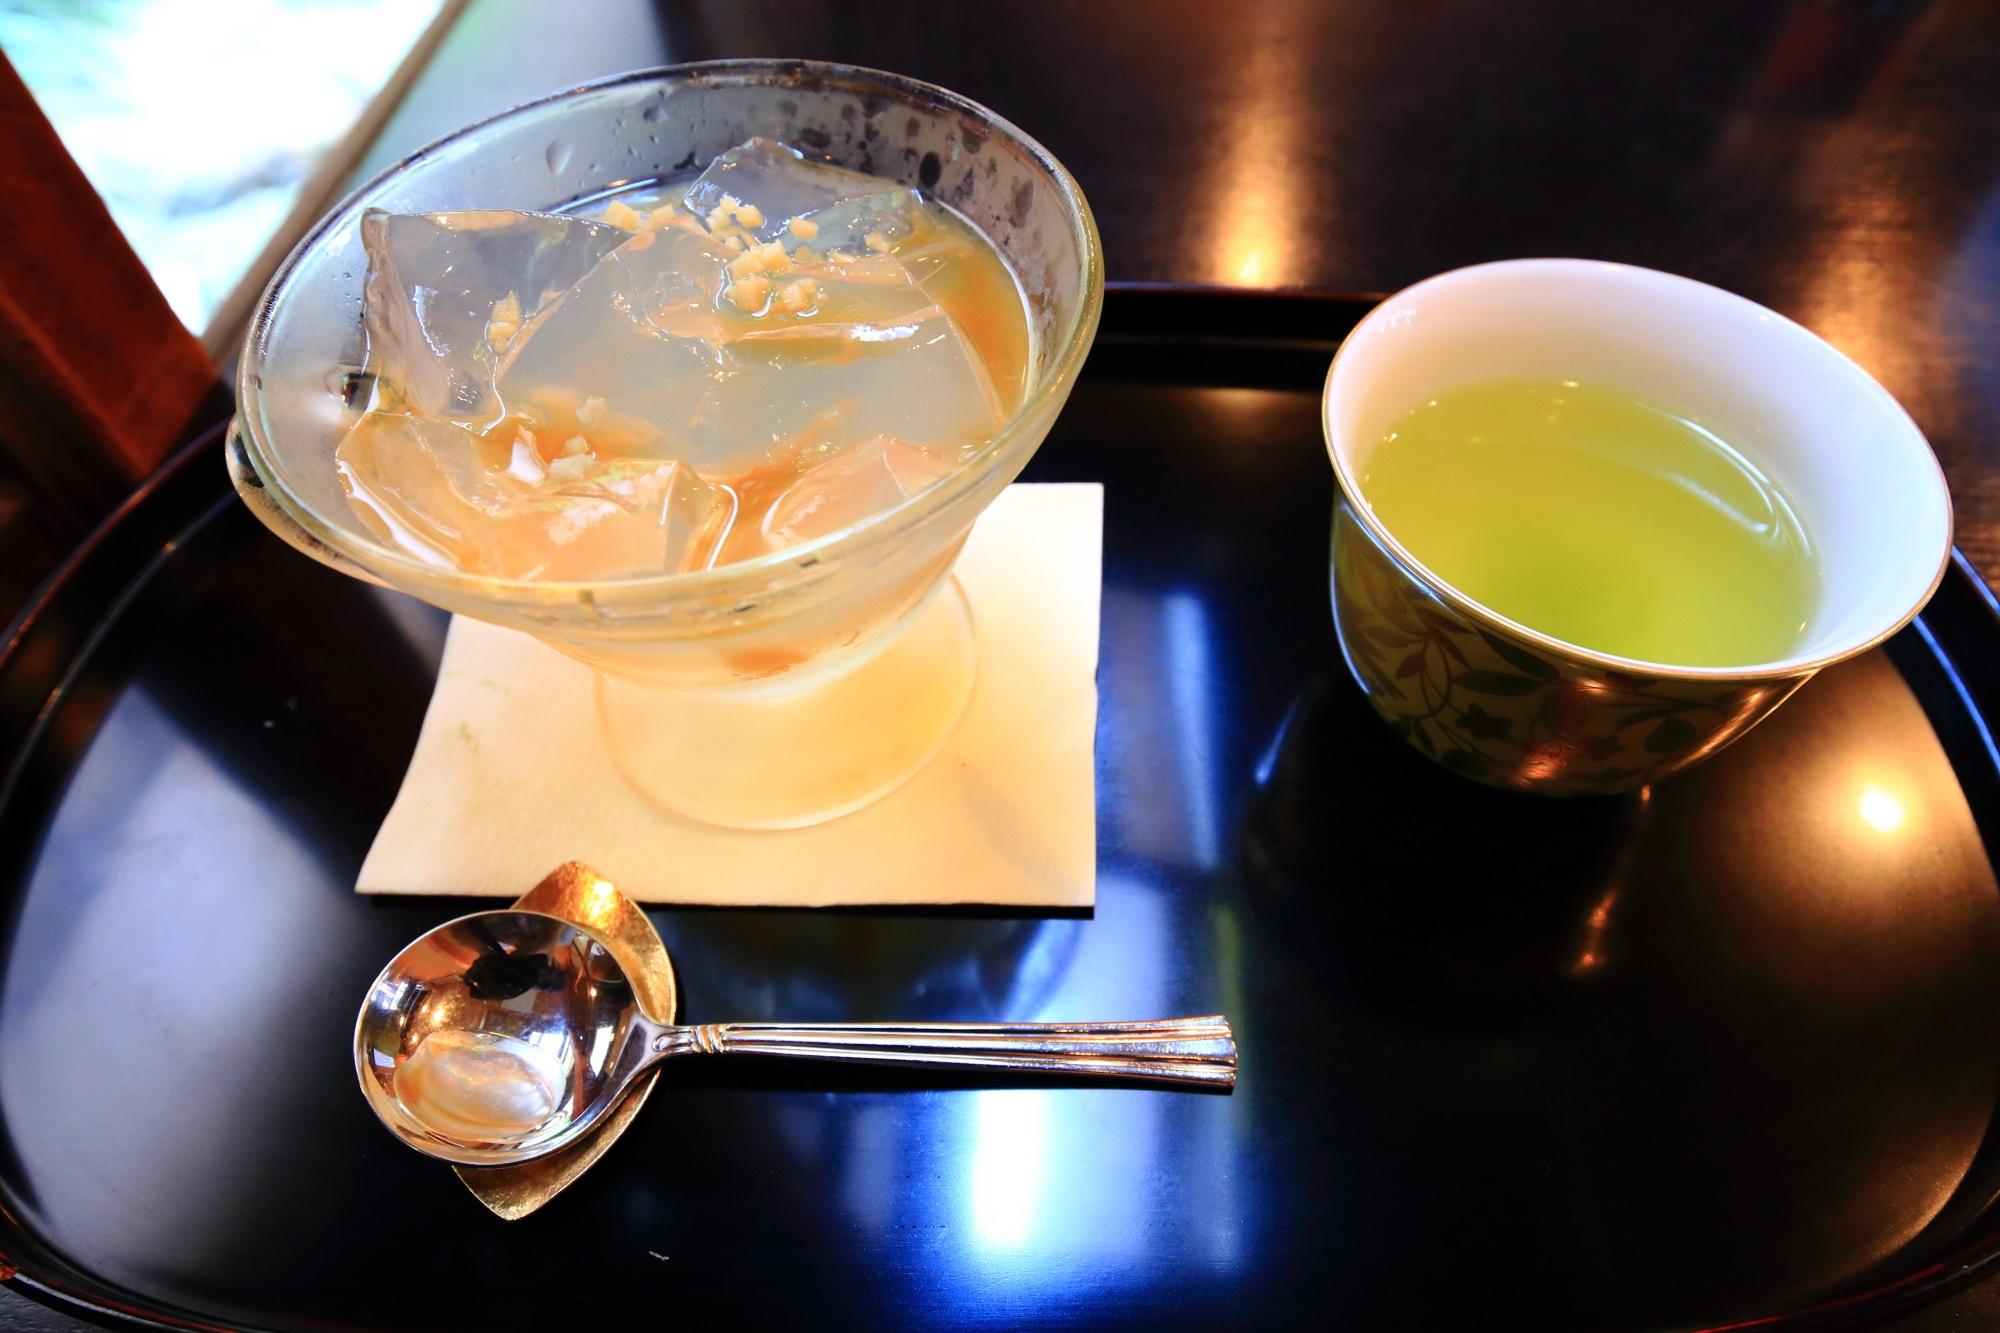 8月の冷やし飴味の琥珀流し(税込660円)